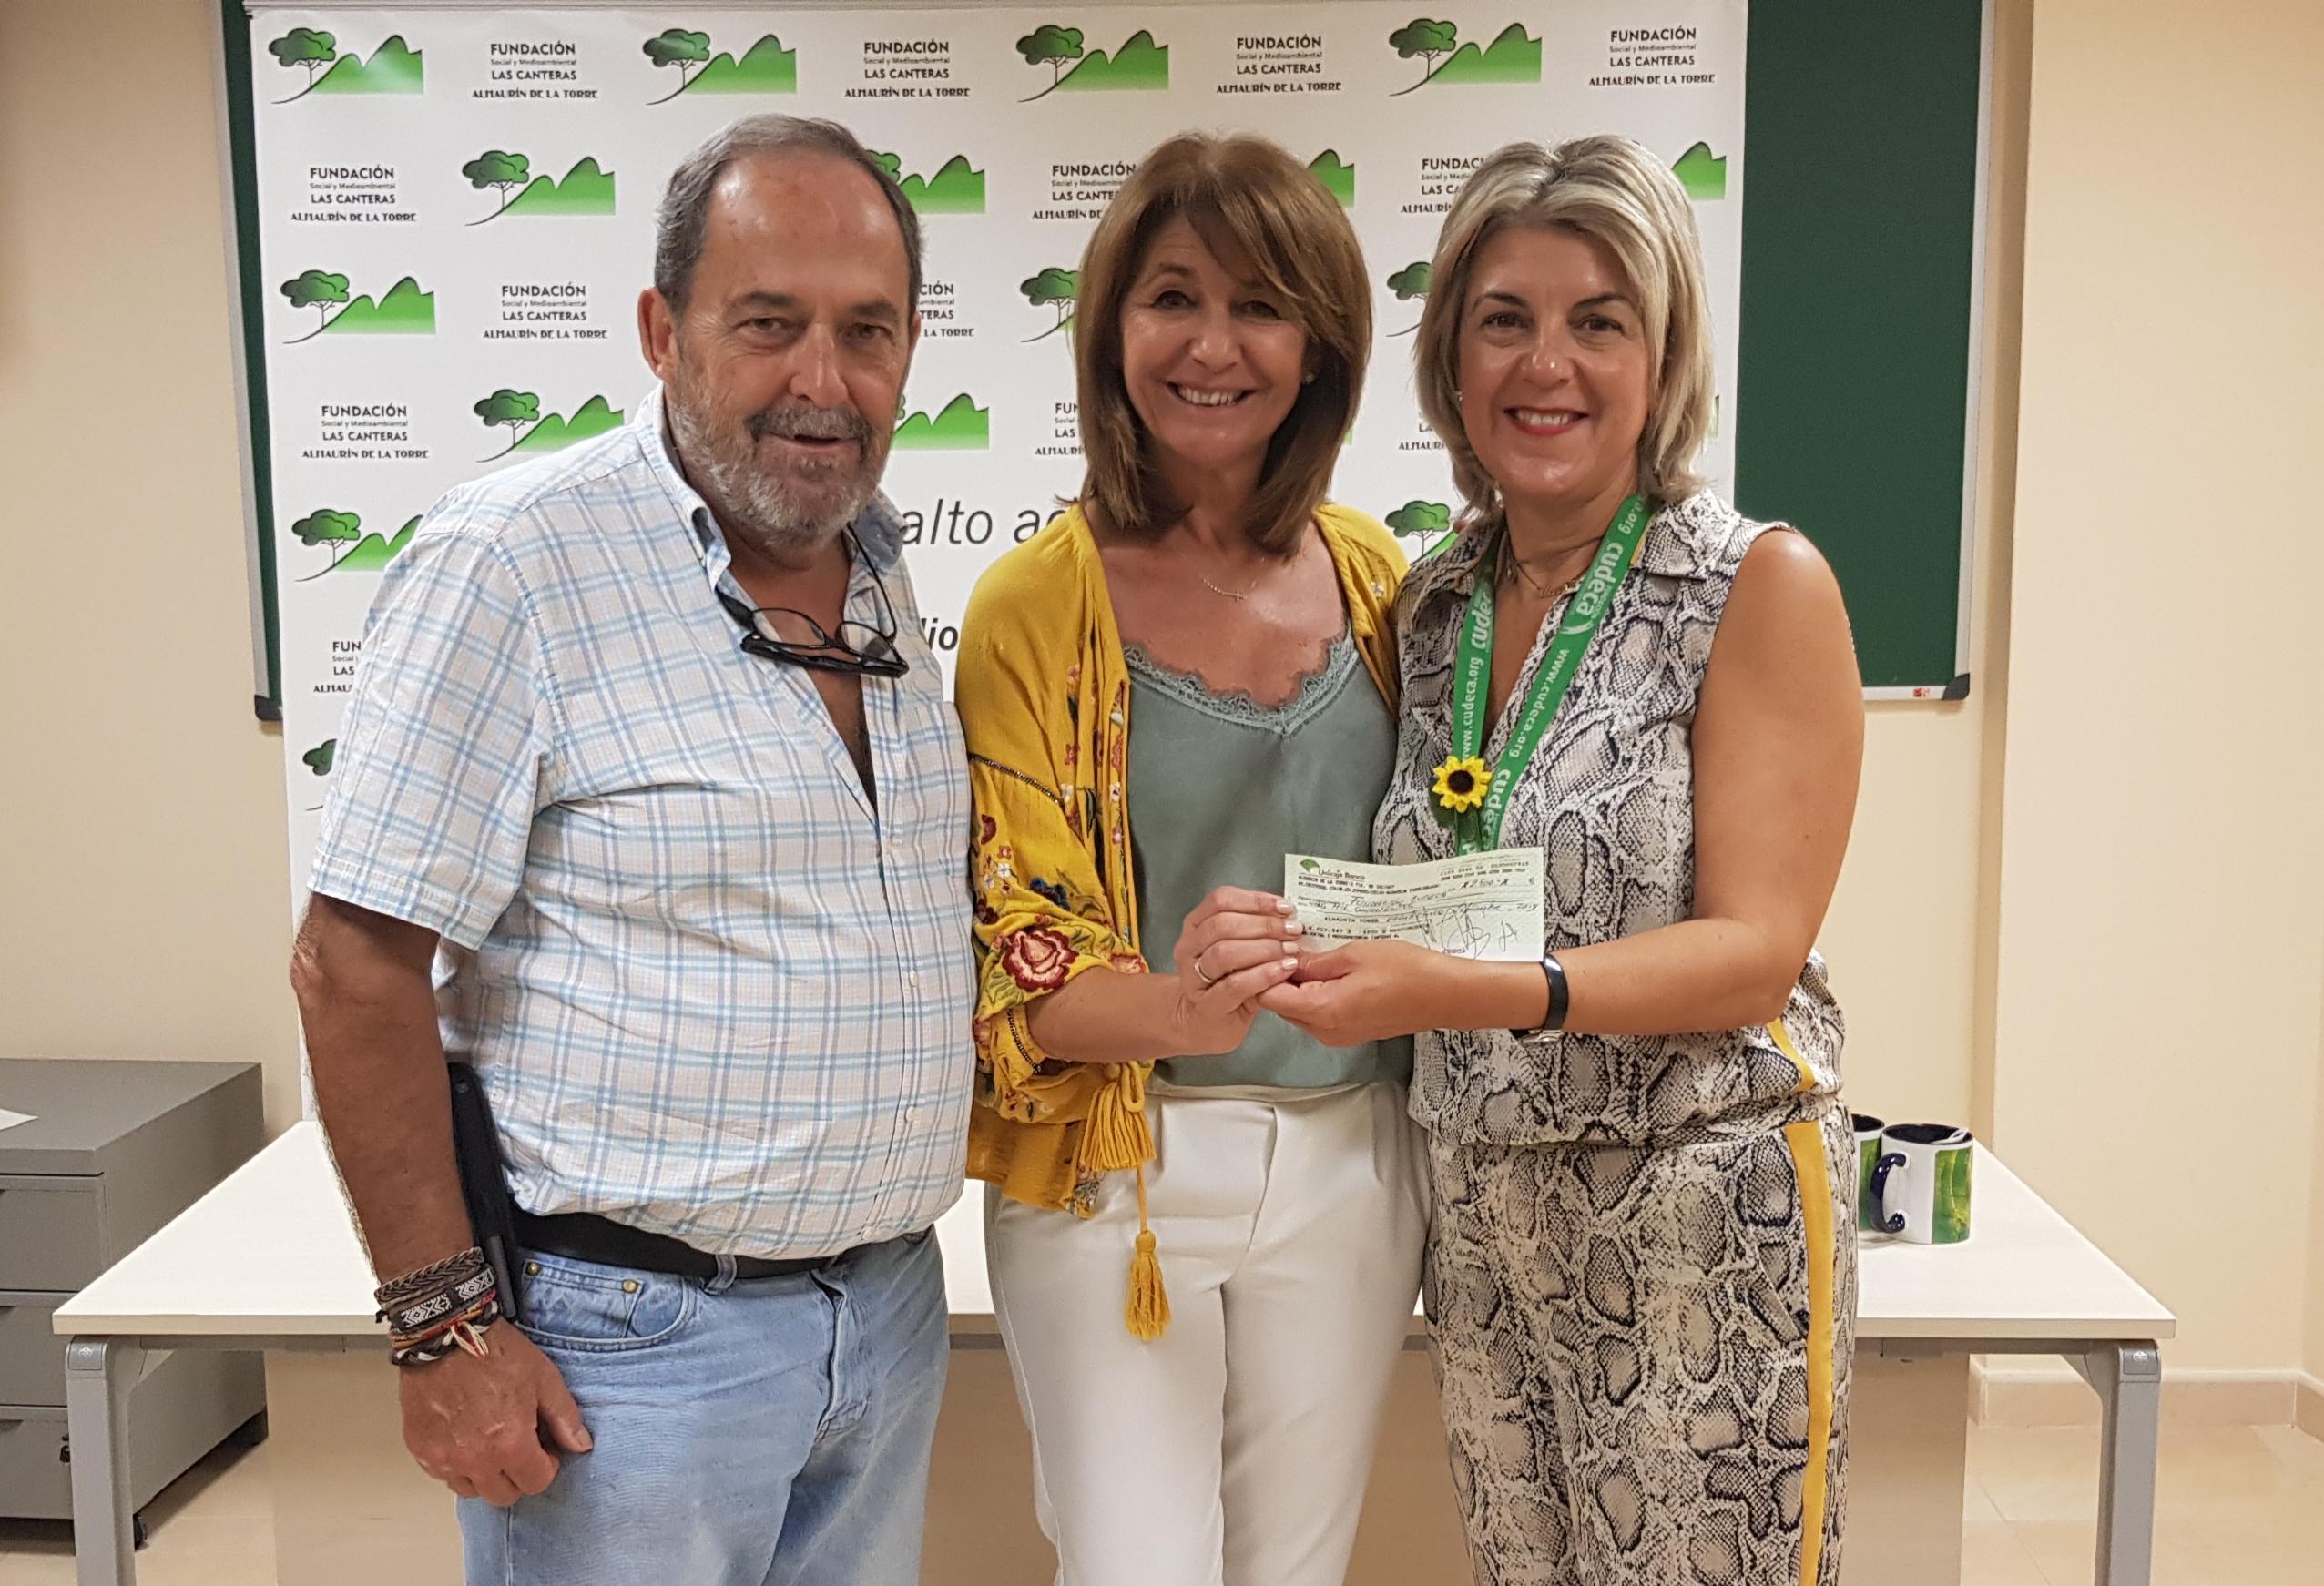 Donación solidaria de la Fundación Las Canteras